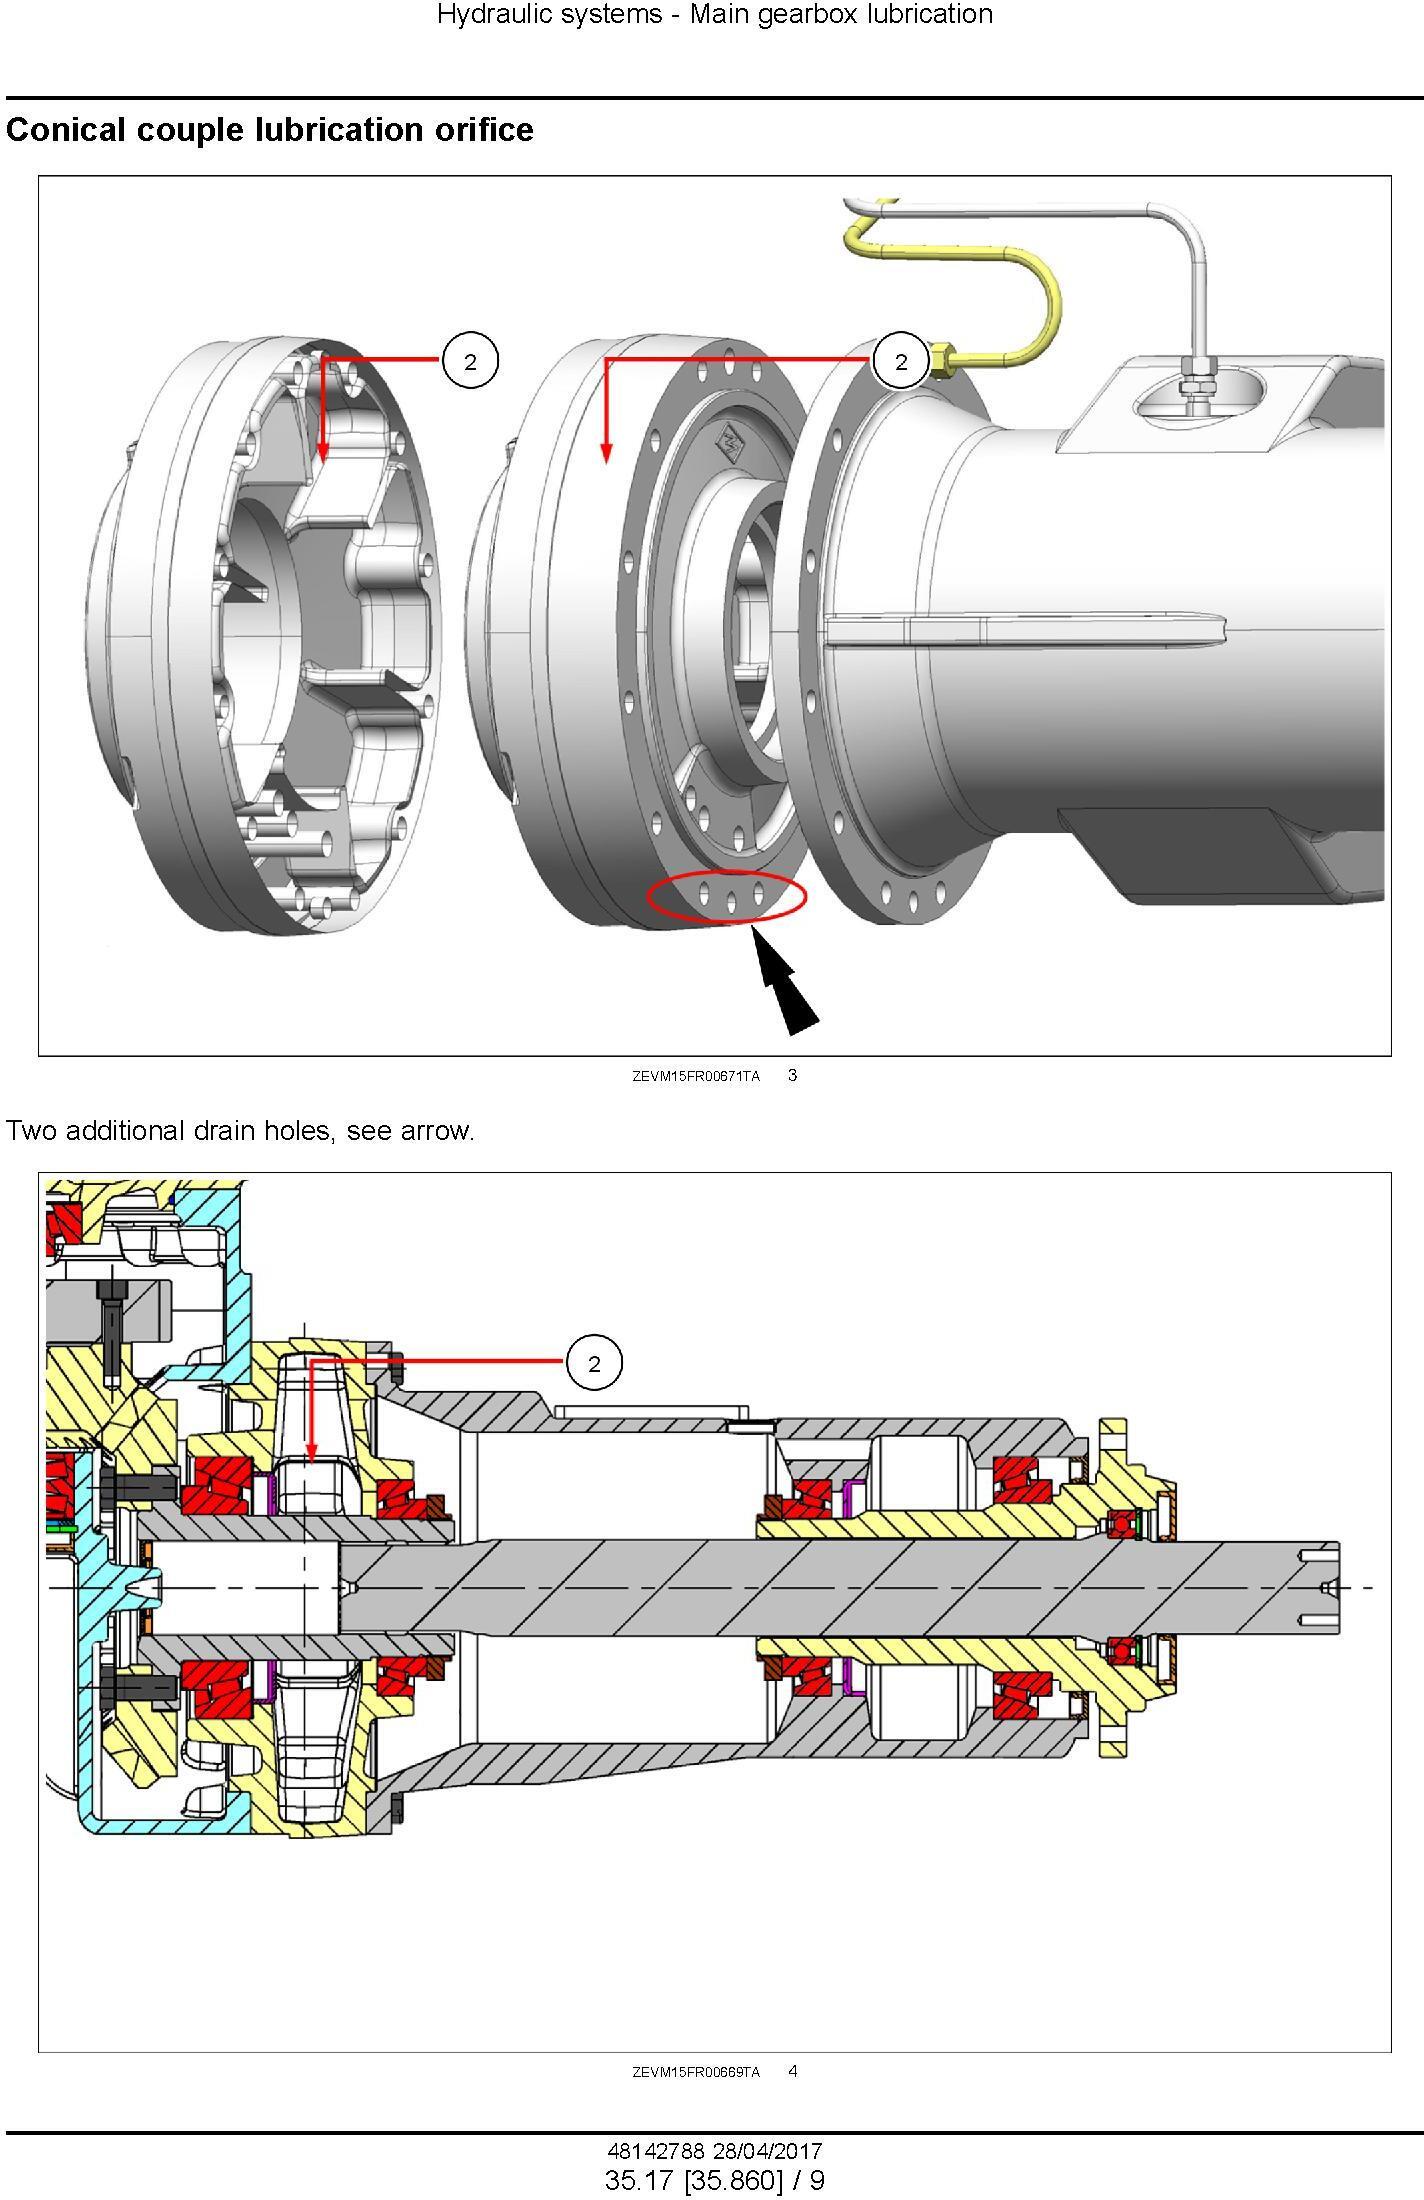 New Holland FR480, FR550, FR650, FR780, FR850 Forage Cruiser - Forage Harvester Service Manual (USA) - 3